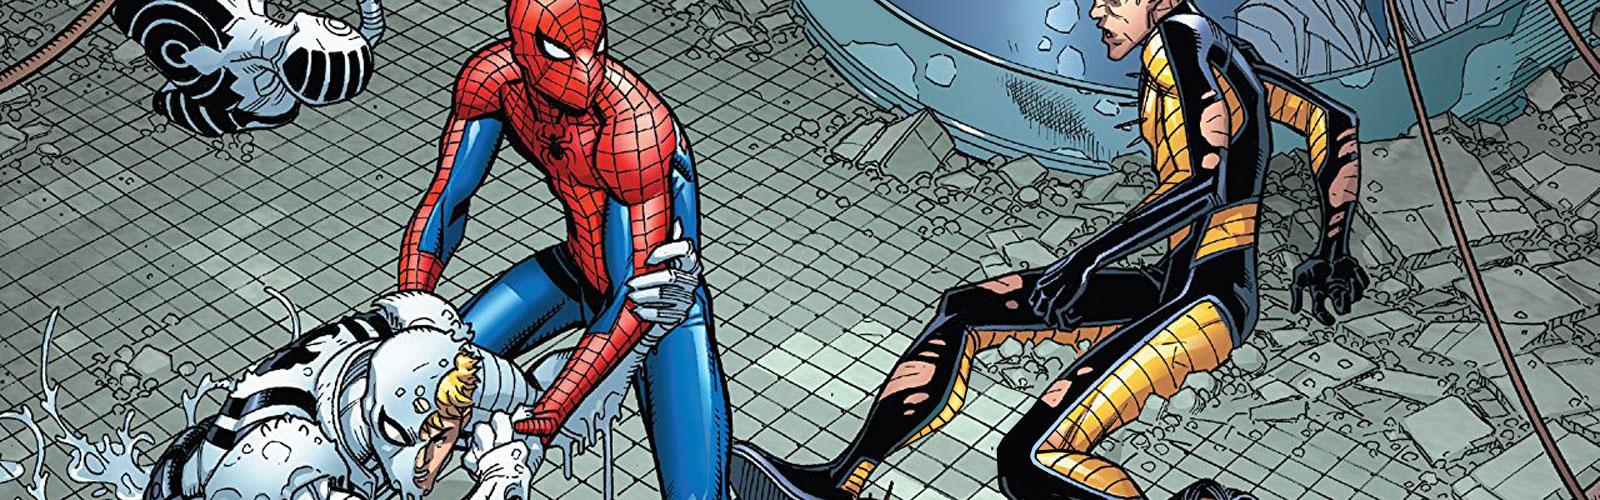 Amazing Spider-Man (2015-) #800